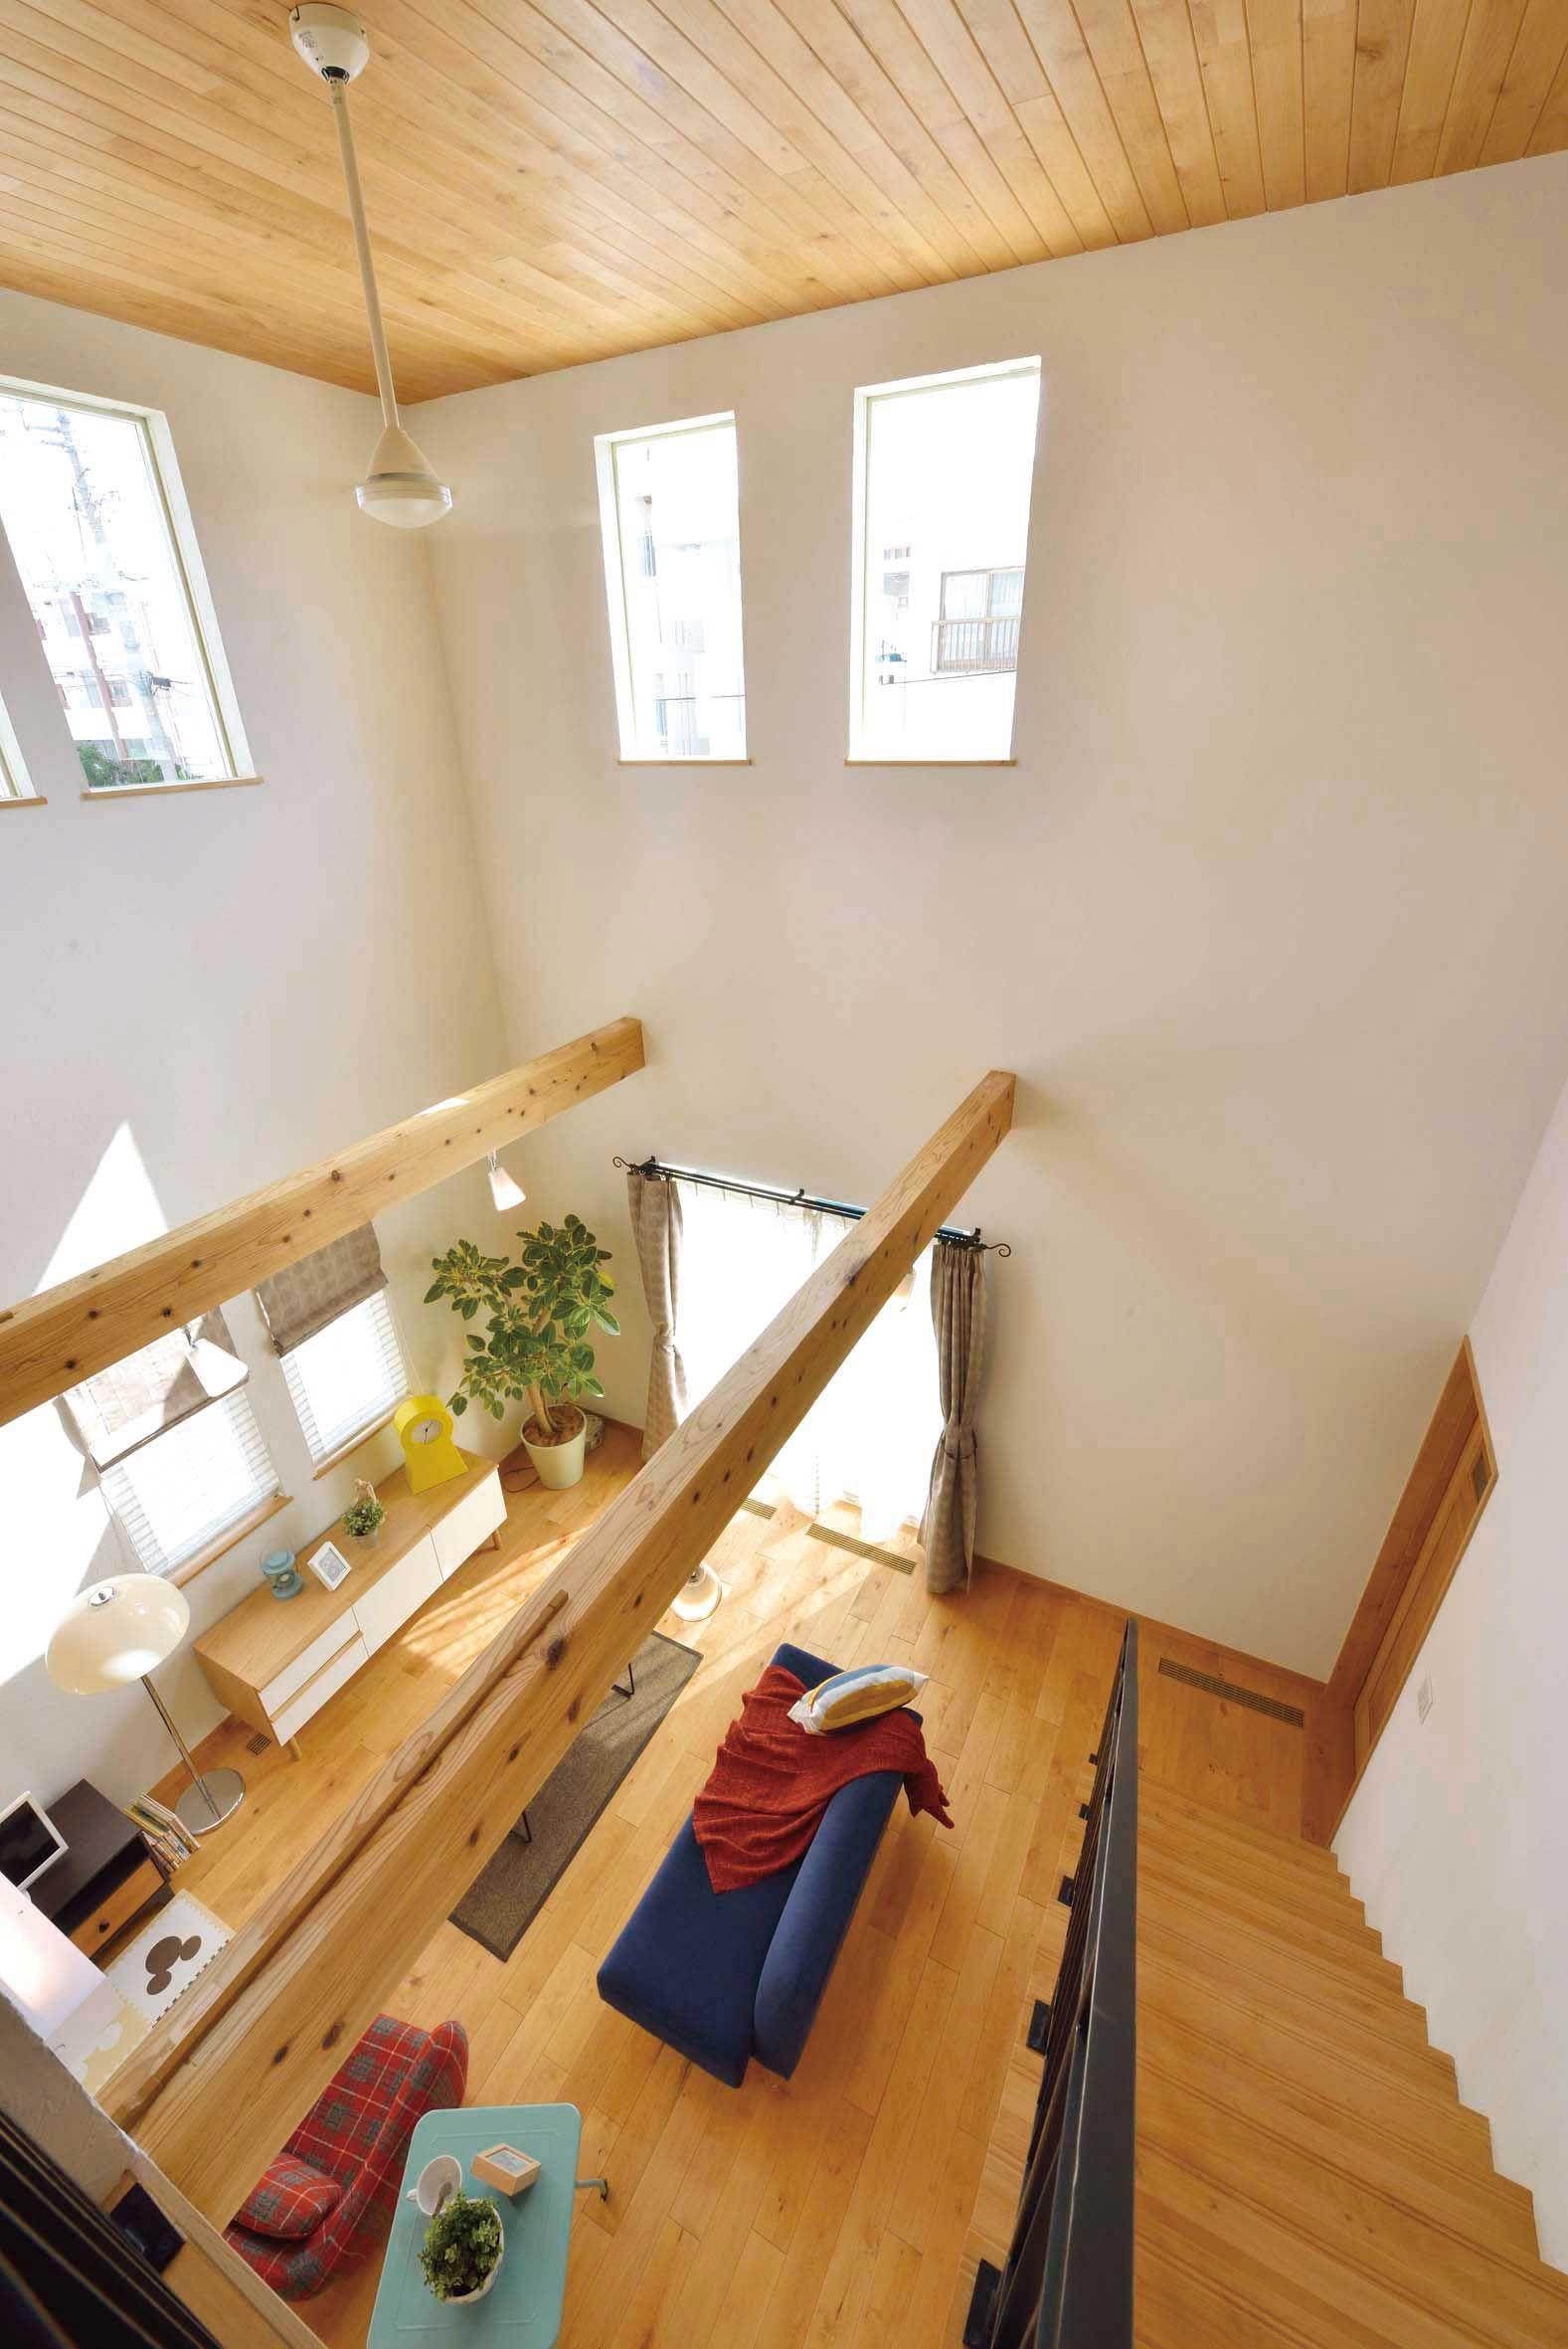 沖縄 家 オキナワ 住宅常設展示場 天井の高さがうらやましい 住宅